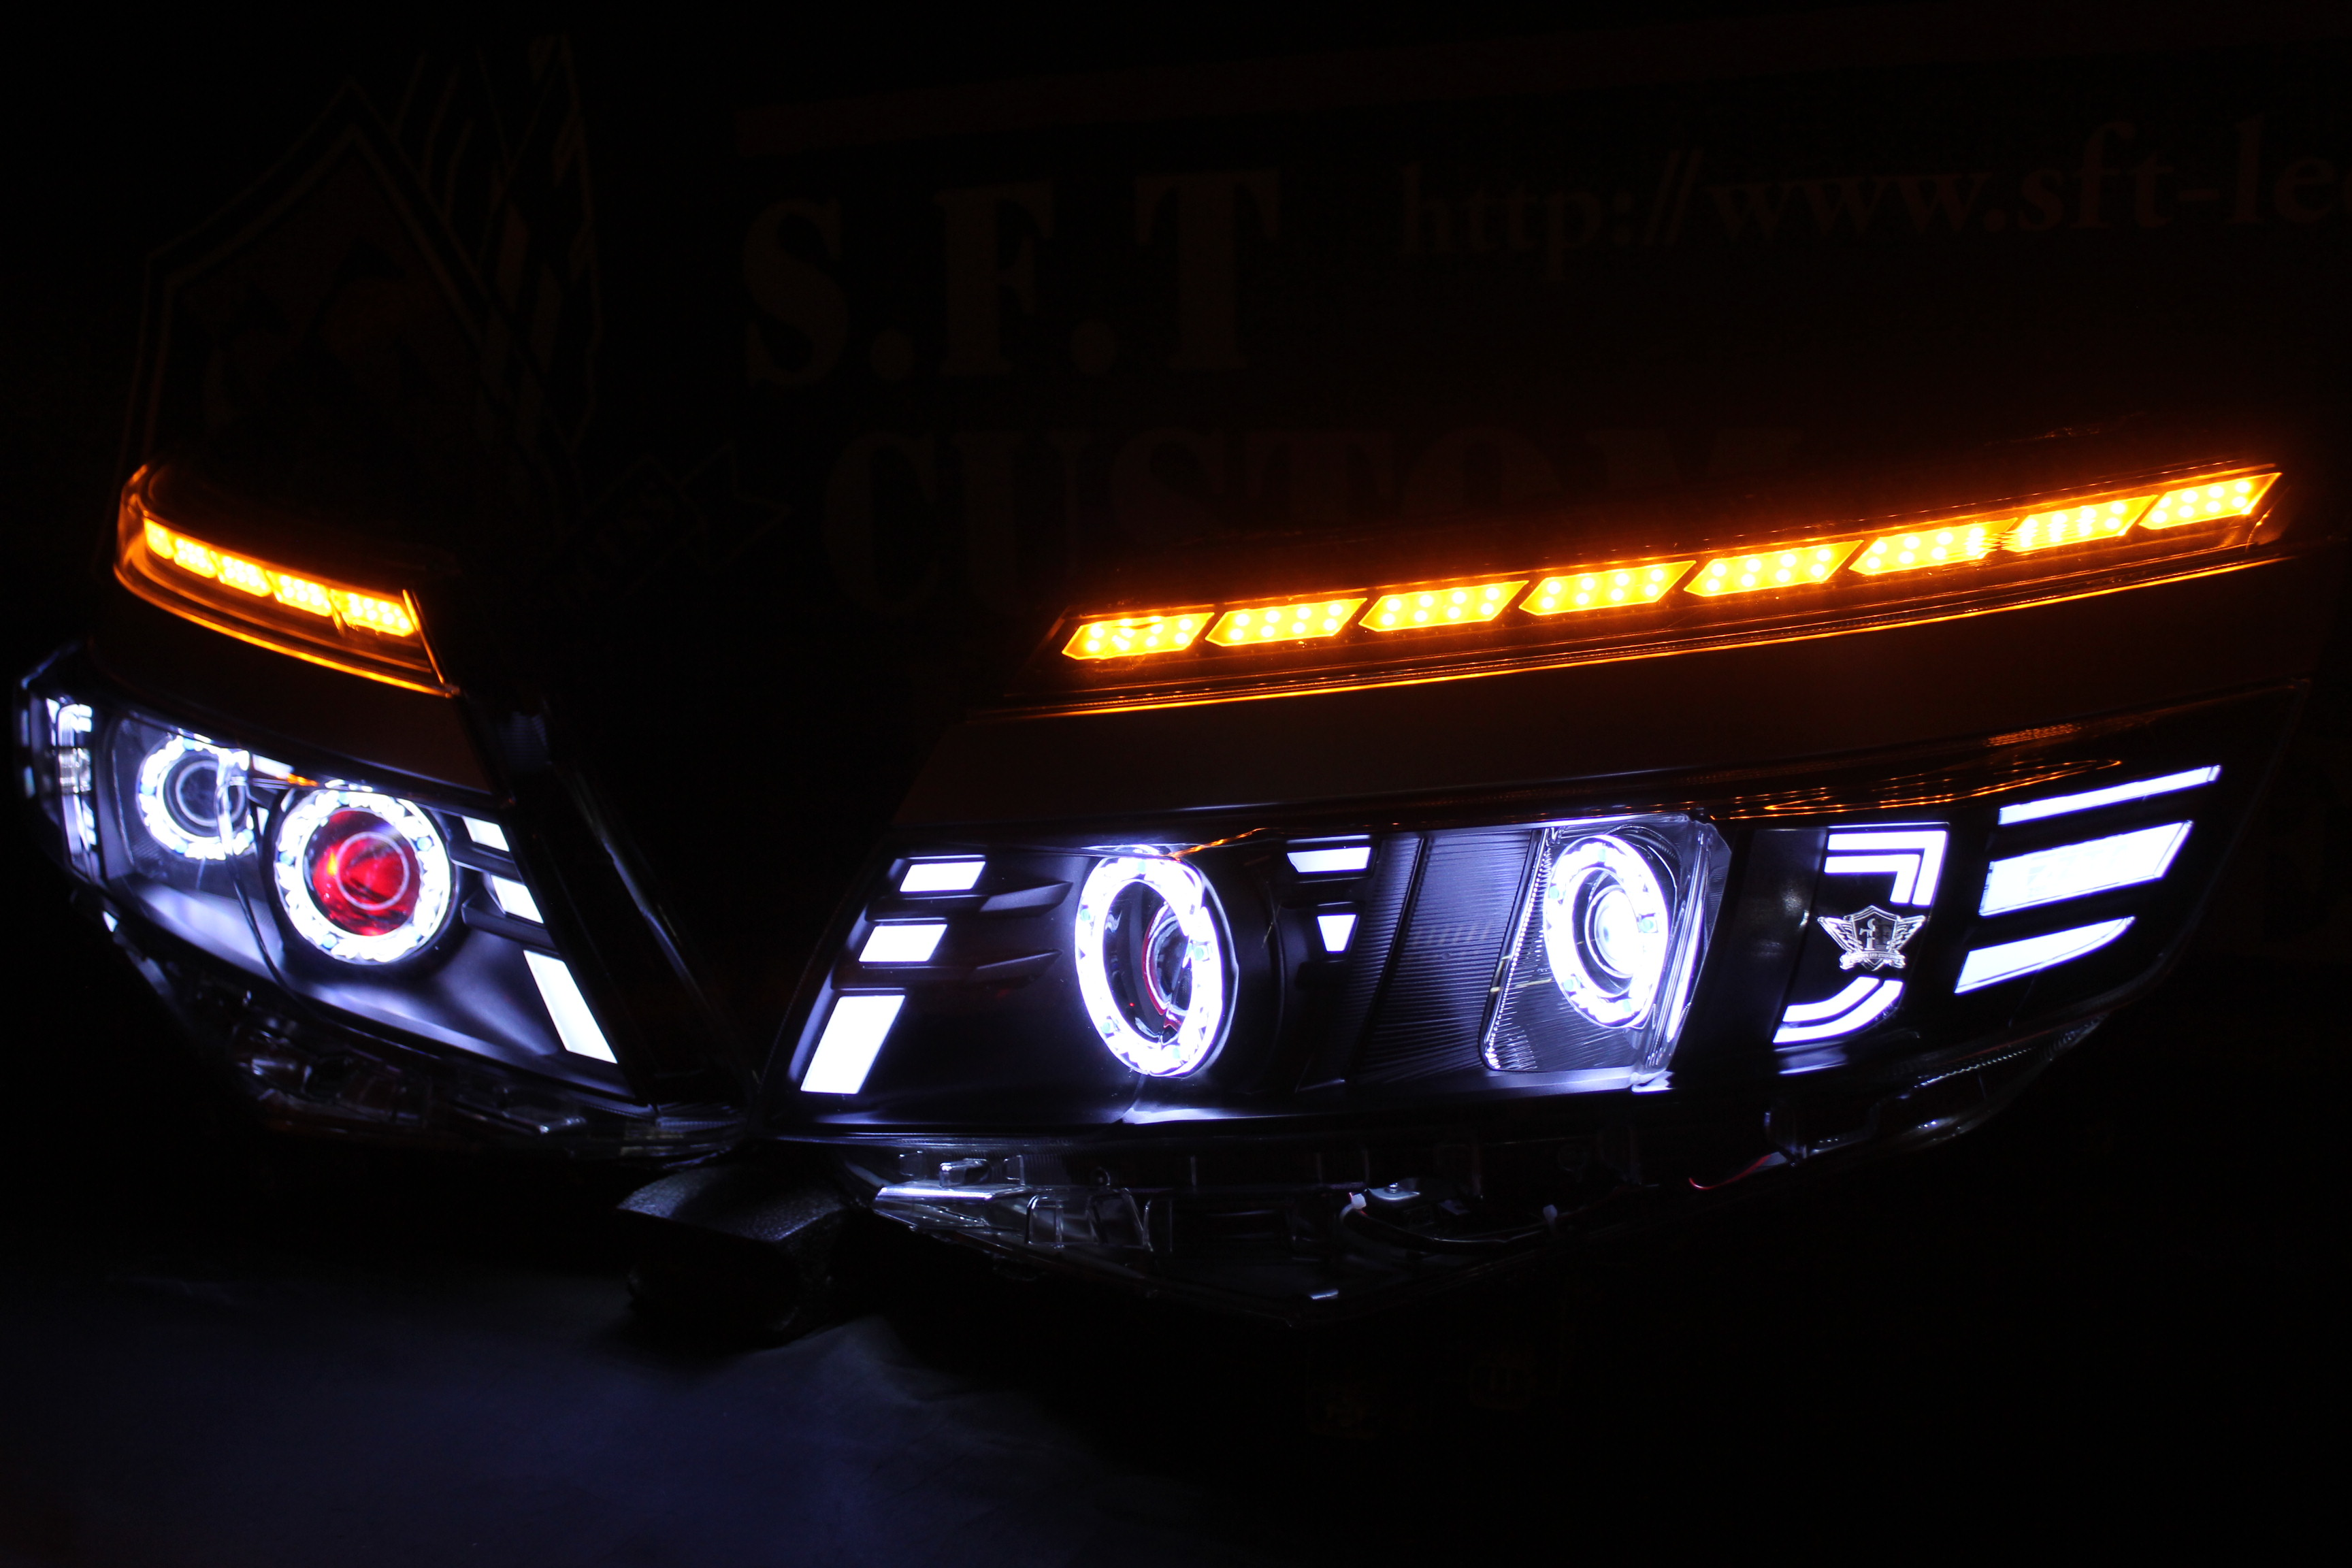 80ヴォクシー ヘッドライト加工